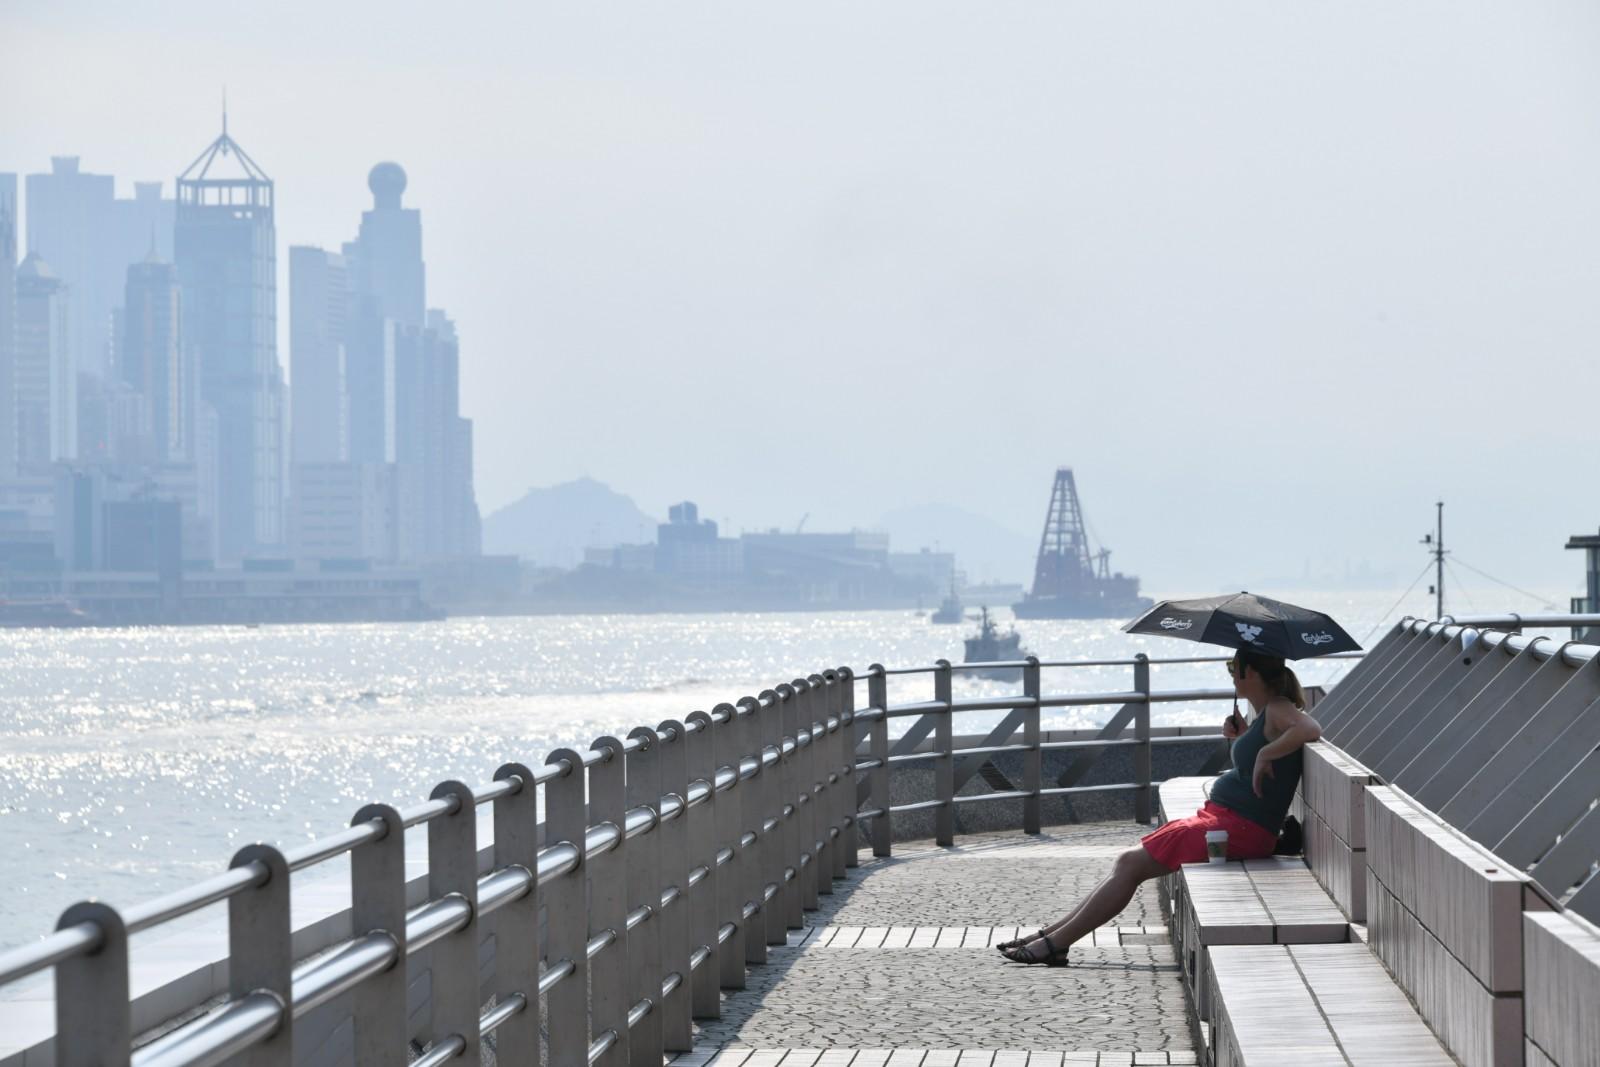 今日「冬至」 日间有阳光最高24℃